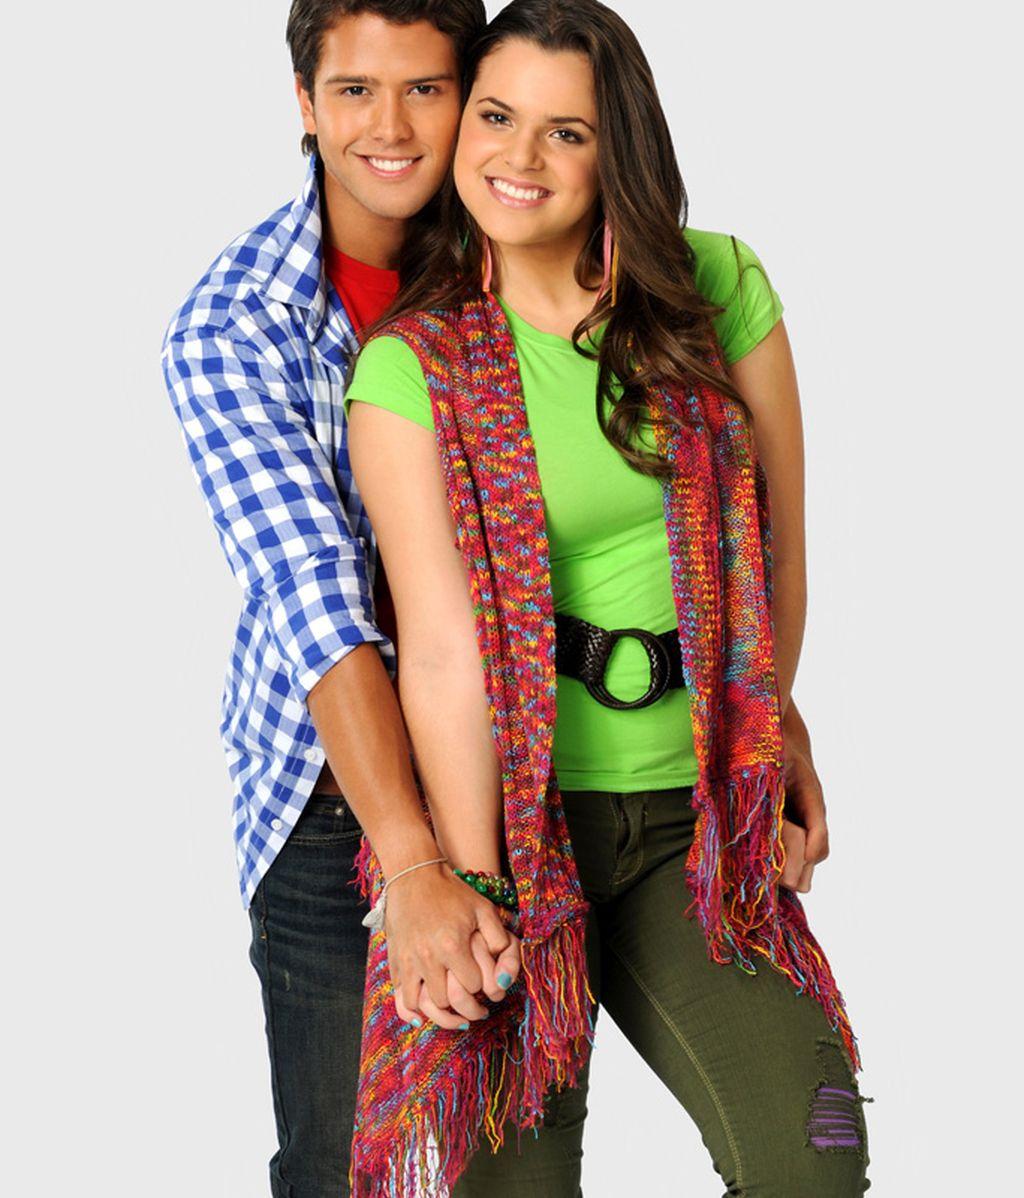 Isabella y Andrés